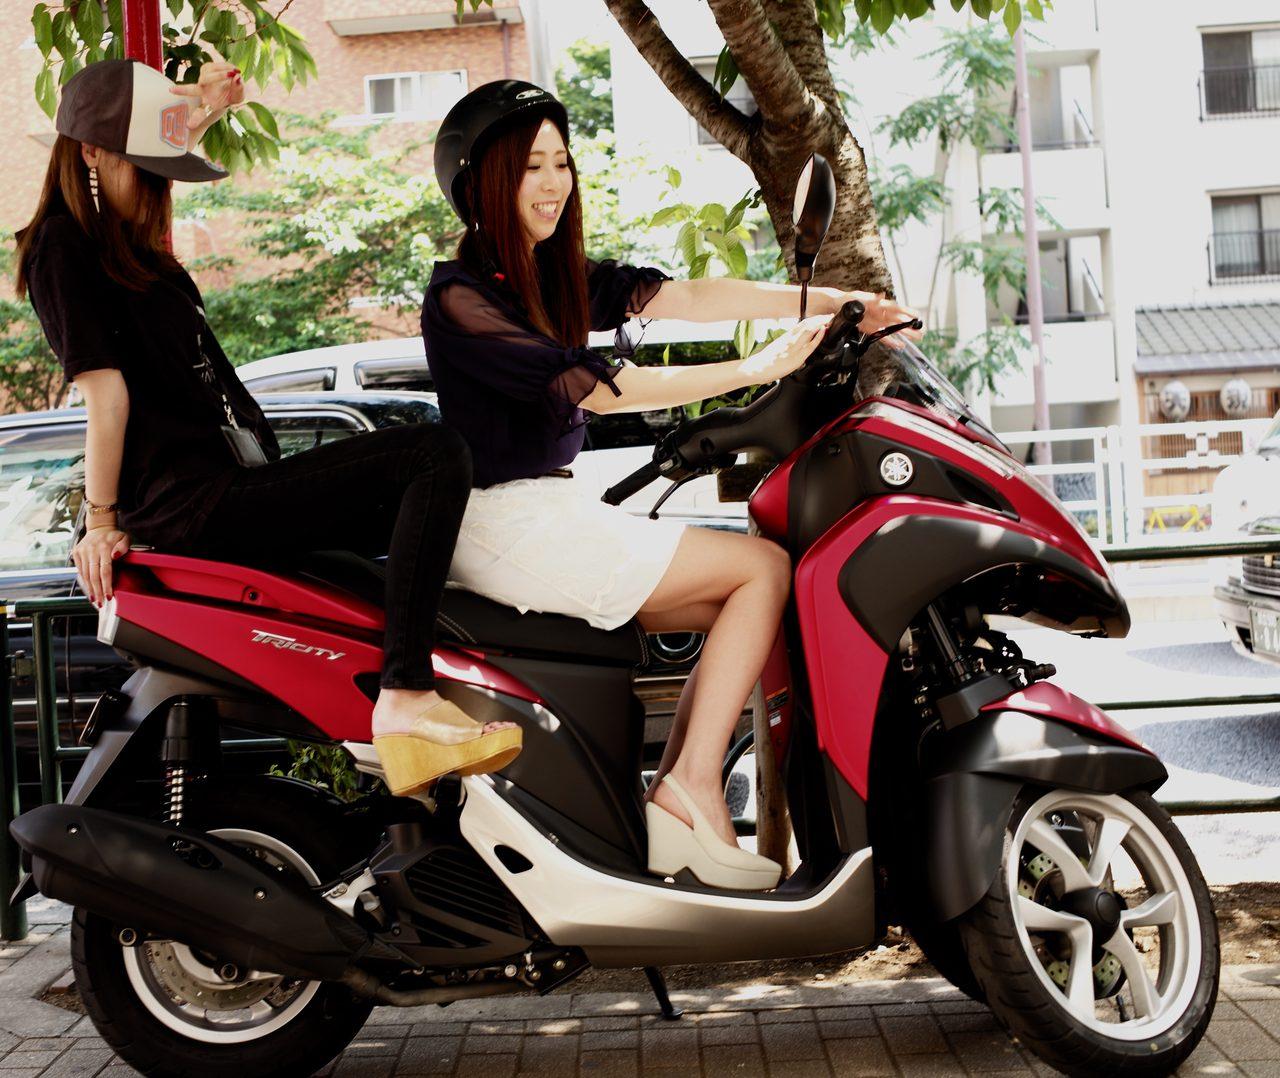 YAMAHA TRICITYレビュー。特殊だけれど日常的な用途にちょうどいいスクーター。 - LAWRENCE